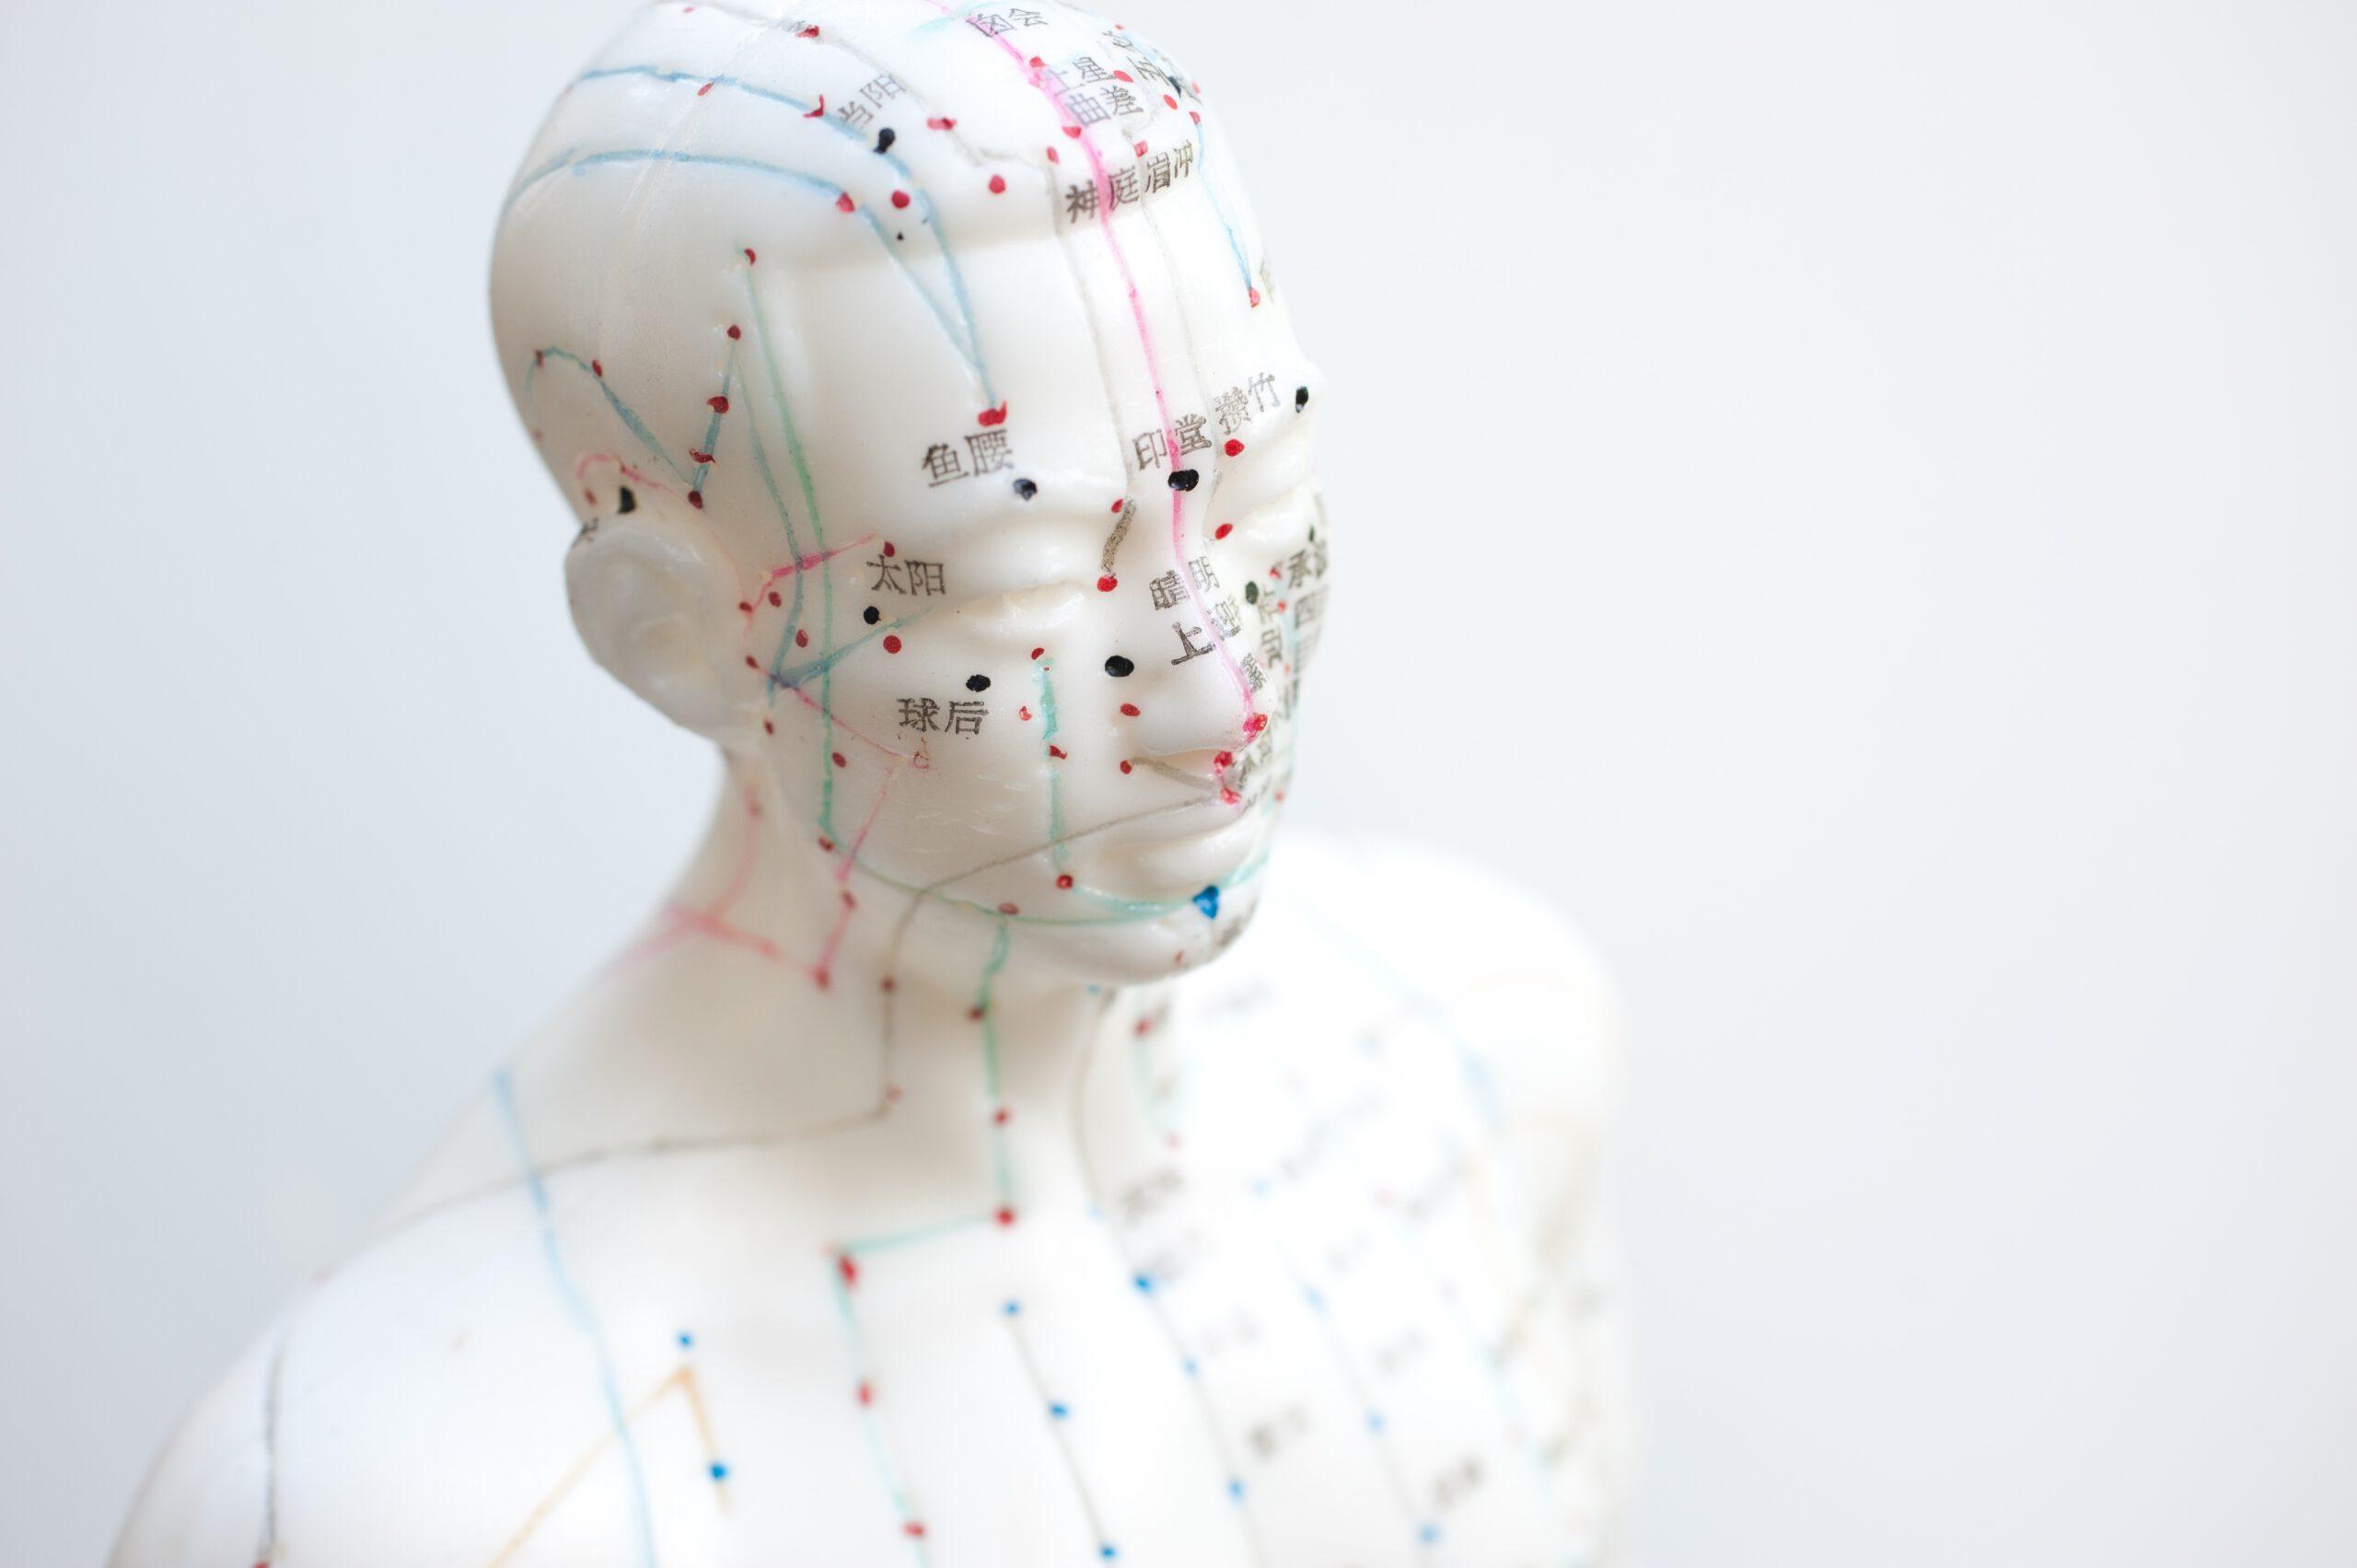 Akupunktur - Mein Therapieangebot, stets auf Sie individuell zugeschnitten.